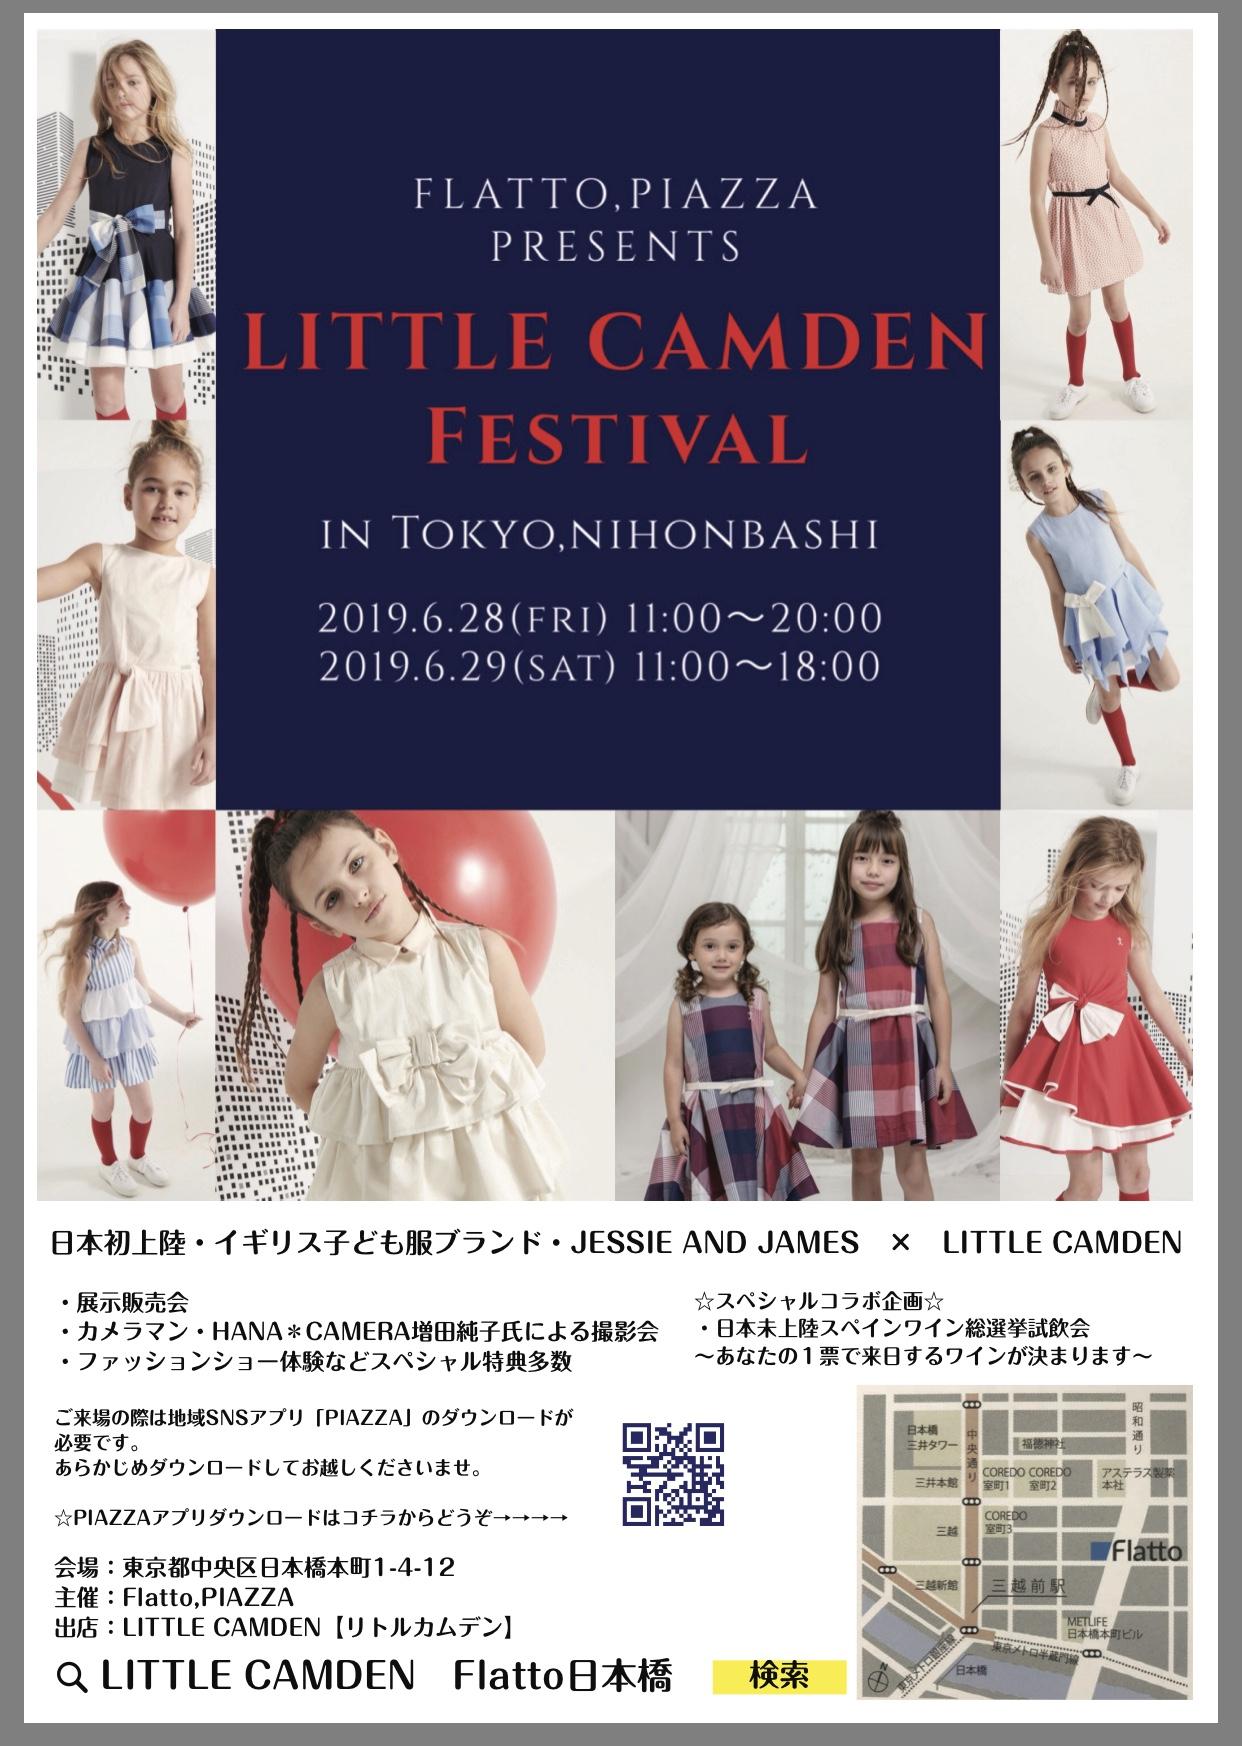 ②LITTLE CAMDEN FESTIVAL in Flatto日本橋 開催決定!!②